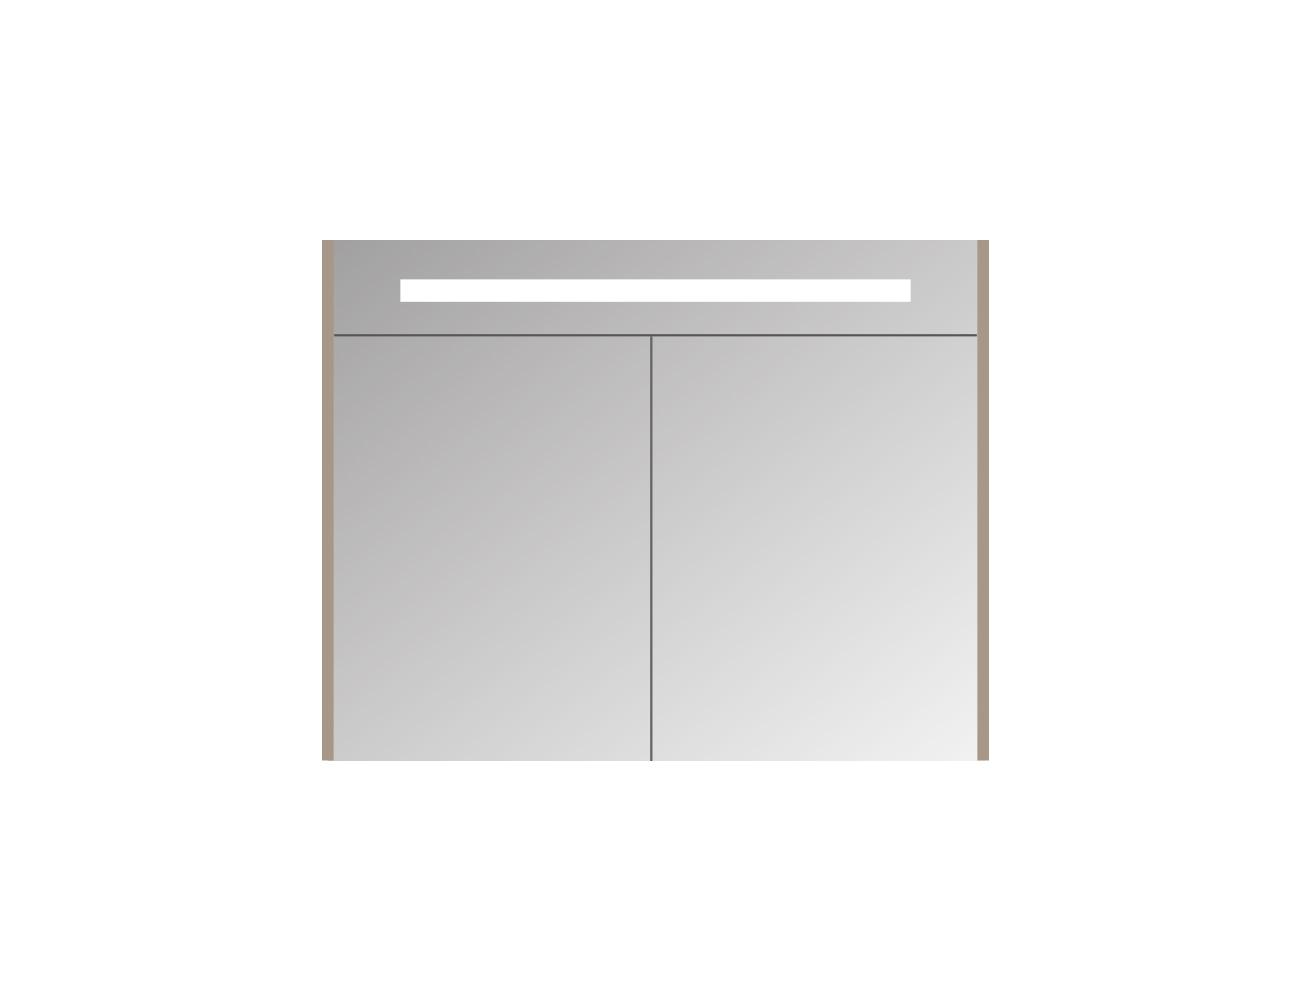 Blinq Ace spiegelkast Premium 80cm - eiken donker